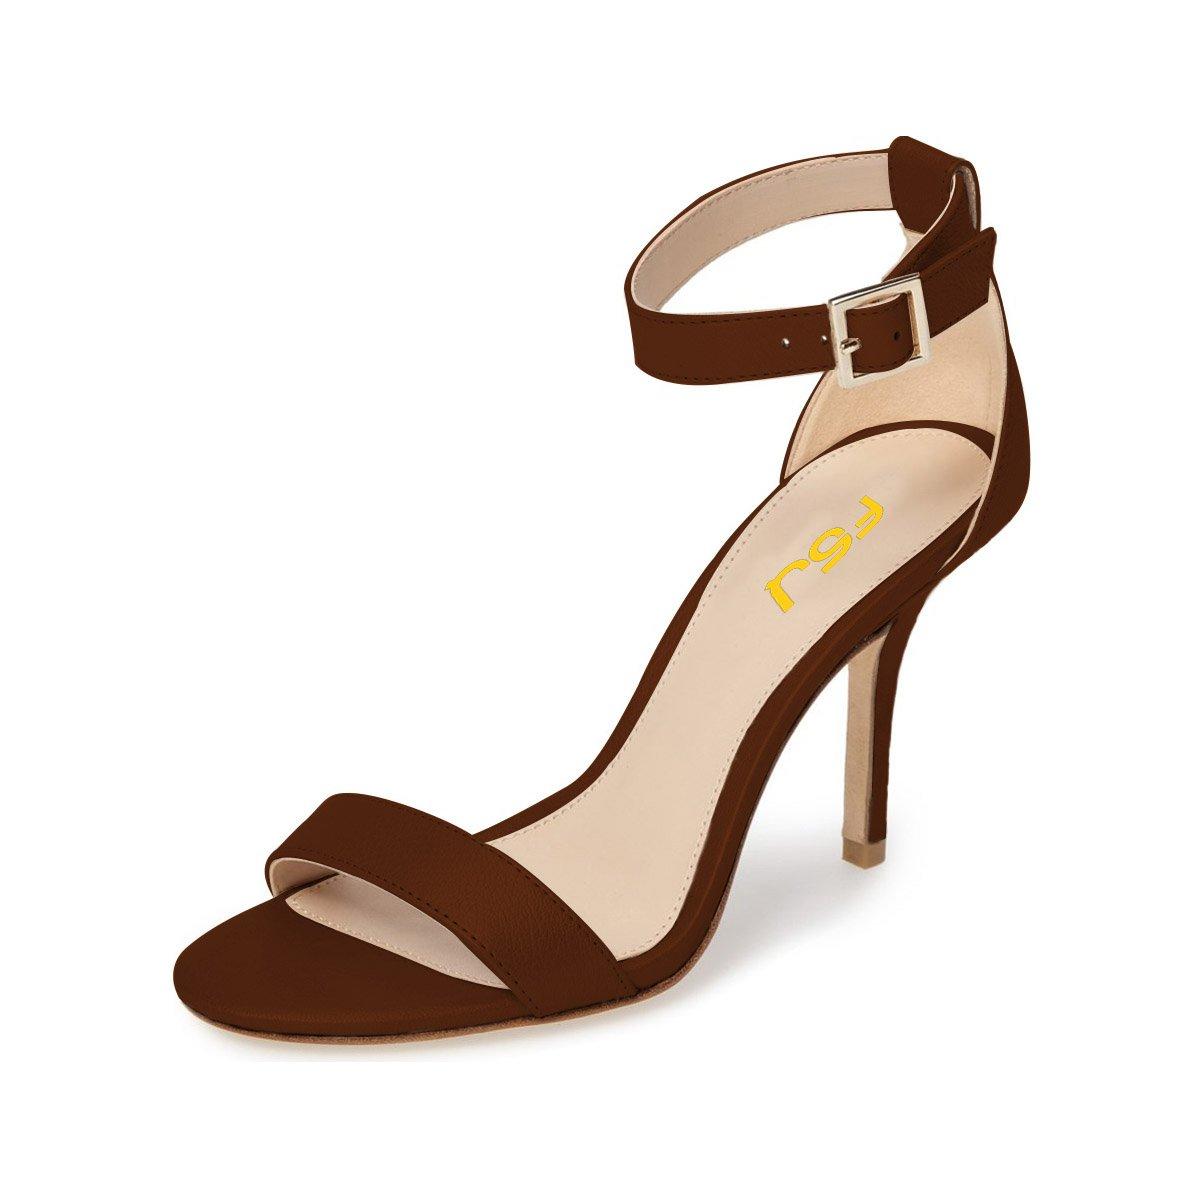 FSJ Women Summer Ankle Strap Sandals Open Toe Mid Kitten Heels Buckle Comfort Shoes Size 9 Brown